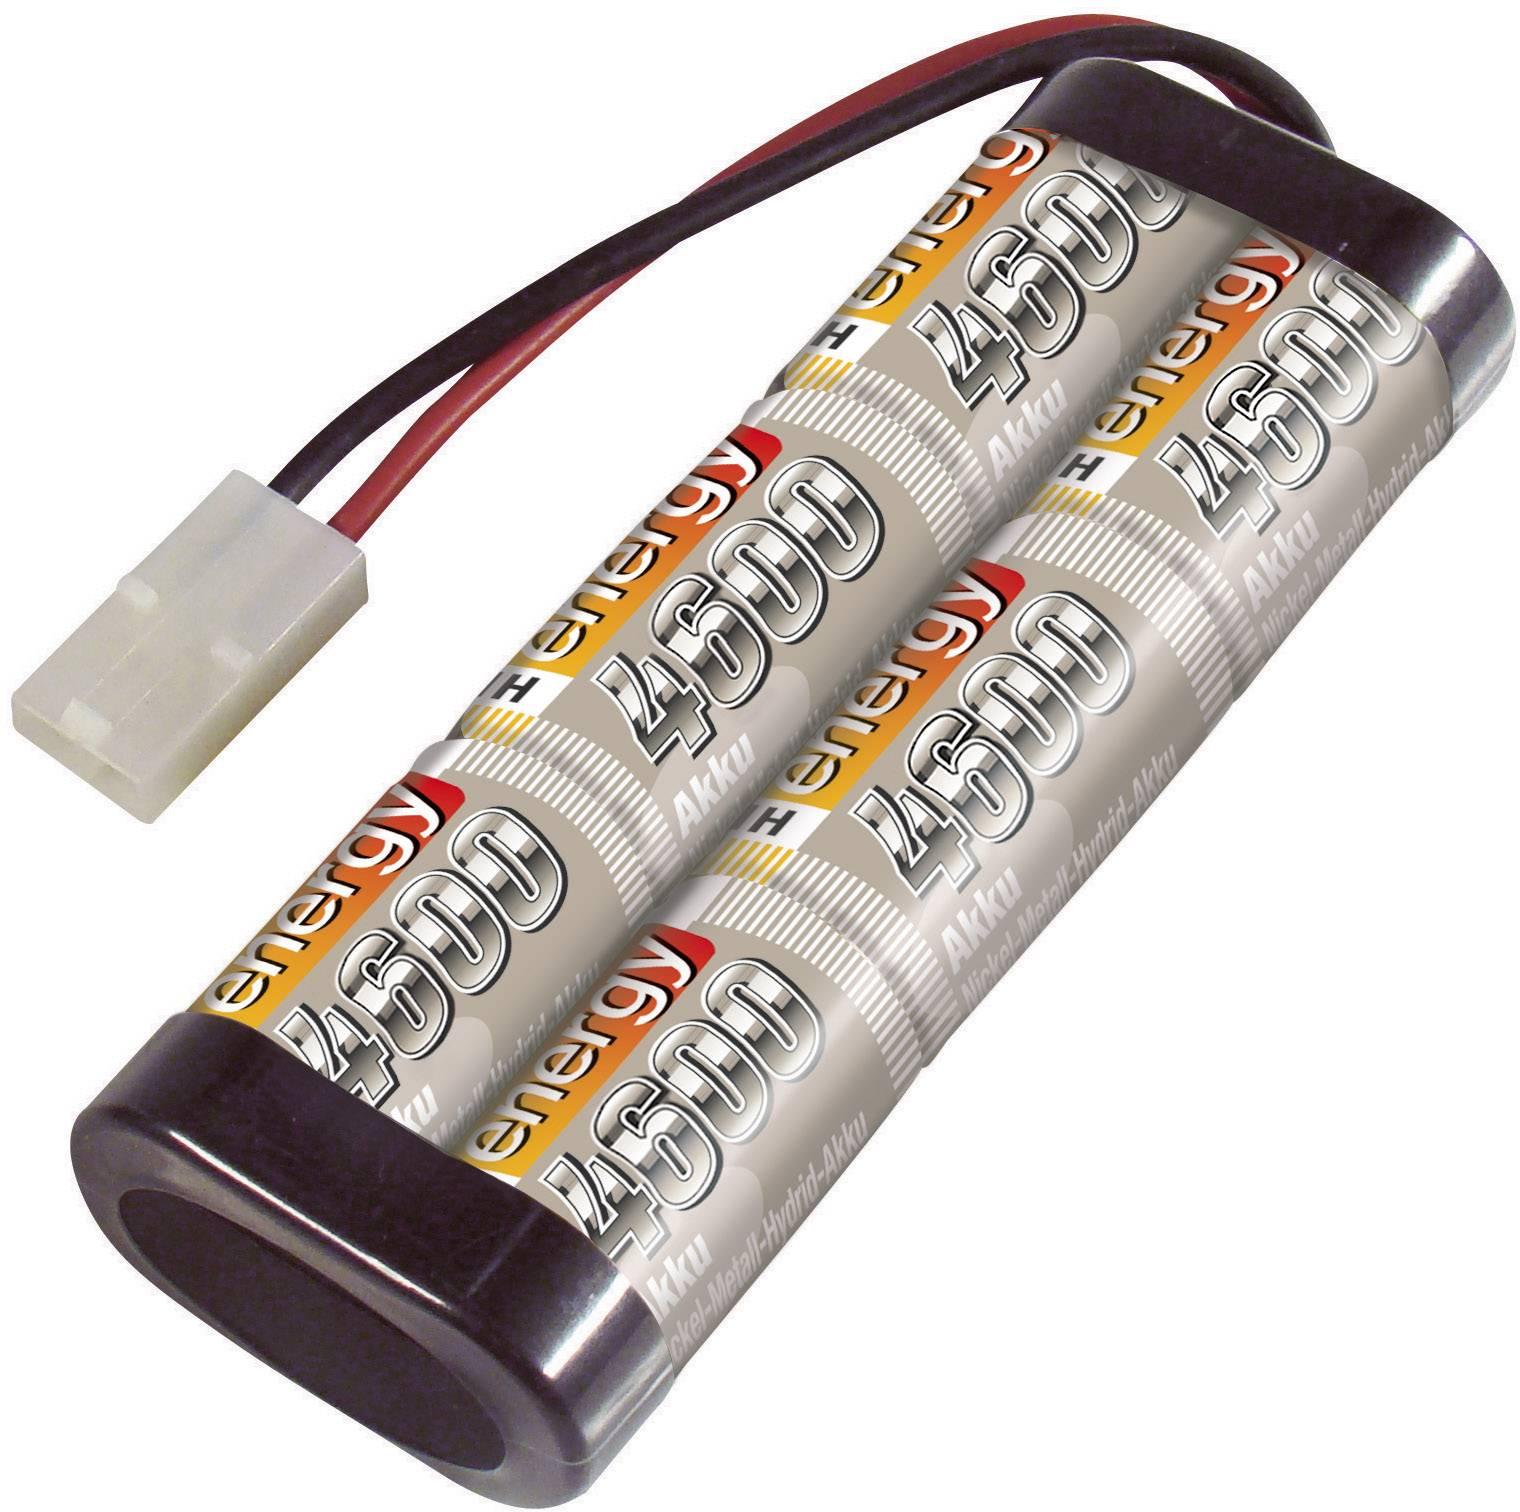 Akupack NiMH Conrad energy 206033, 7.2 V, 4600 mAh